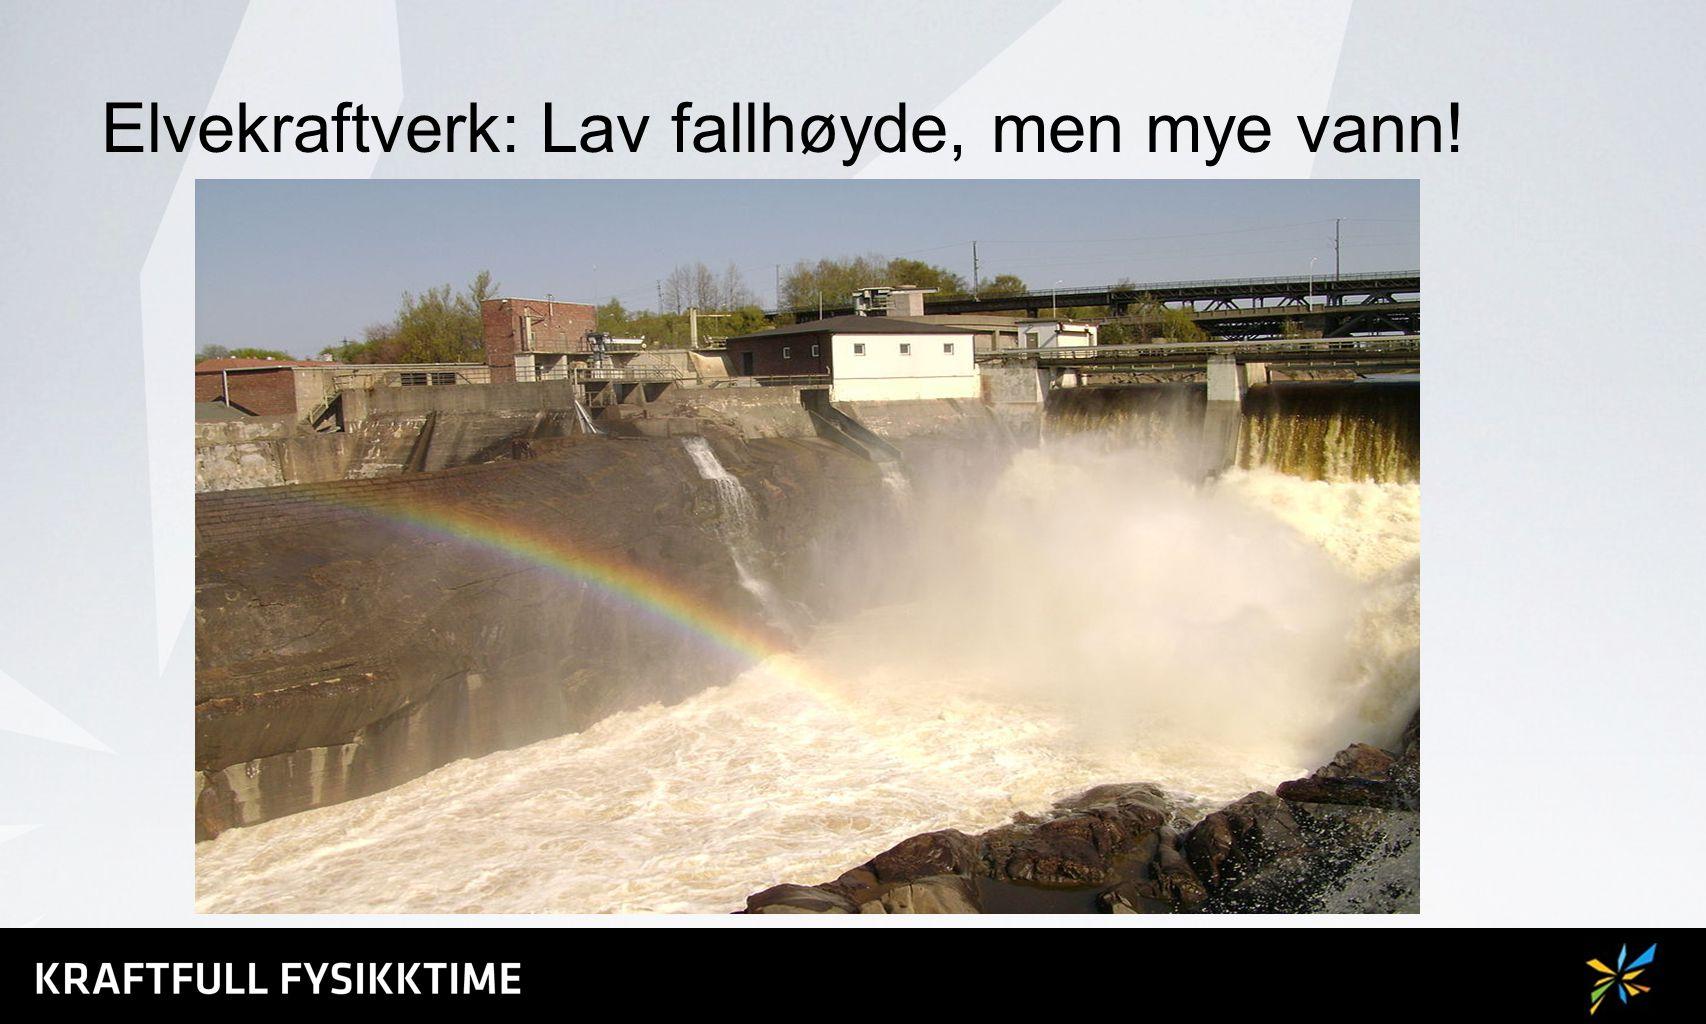 Elvekraftverk: Lav fallhøyde, men mye vann!